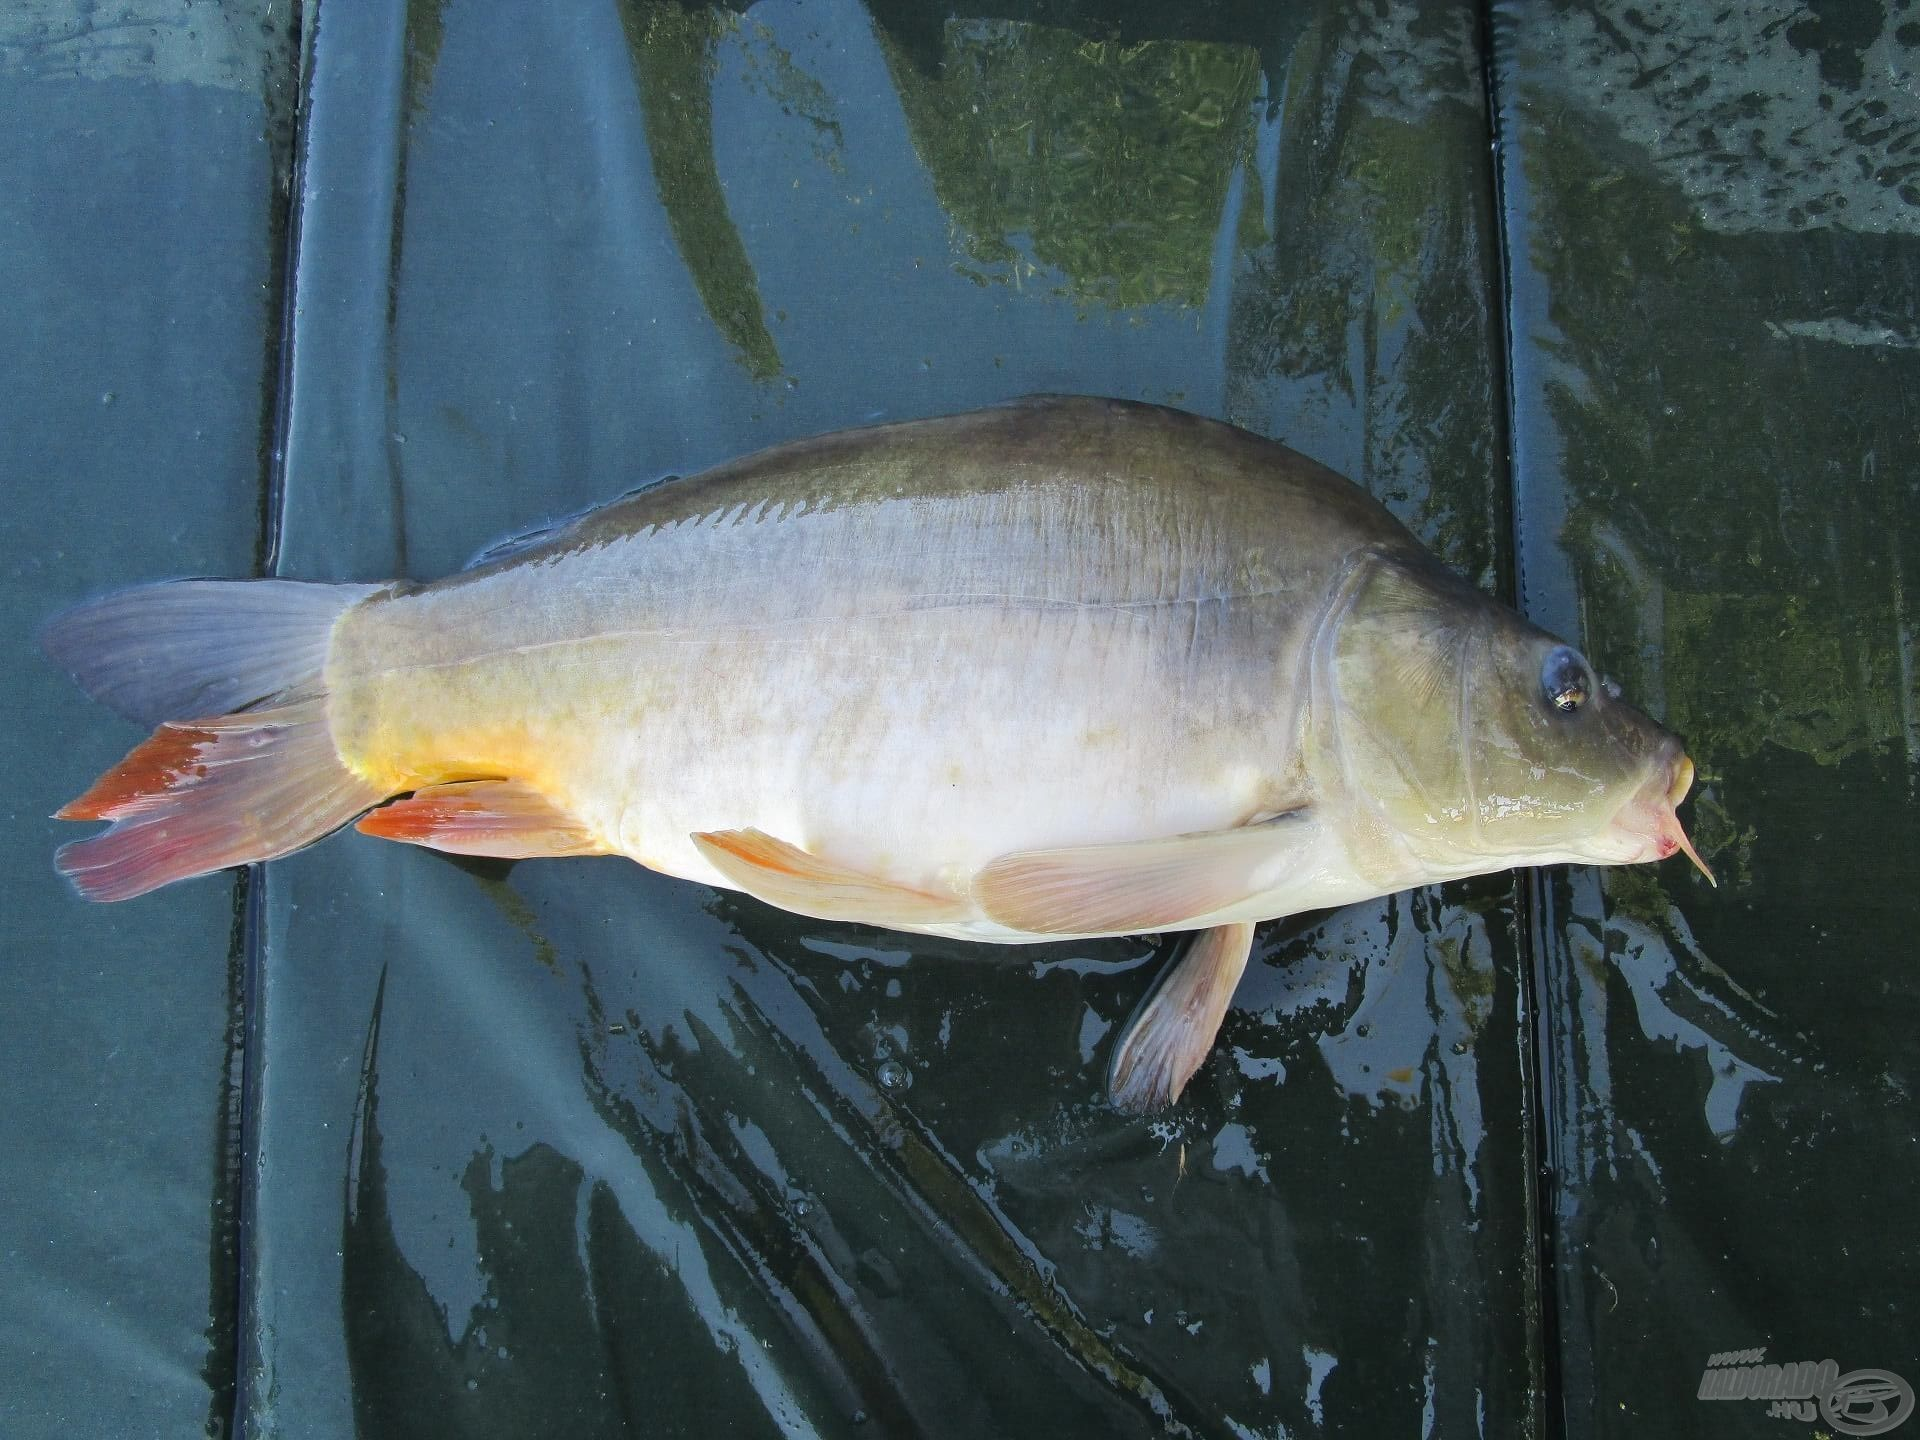 Nem sokkal később csipogott az egyik kapásjelző, és Balázs már fárasztotta is a halat. Egy szép bőrpontyot fogott